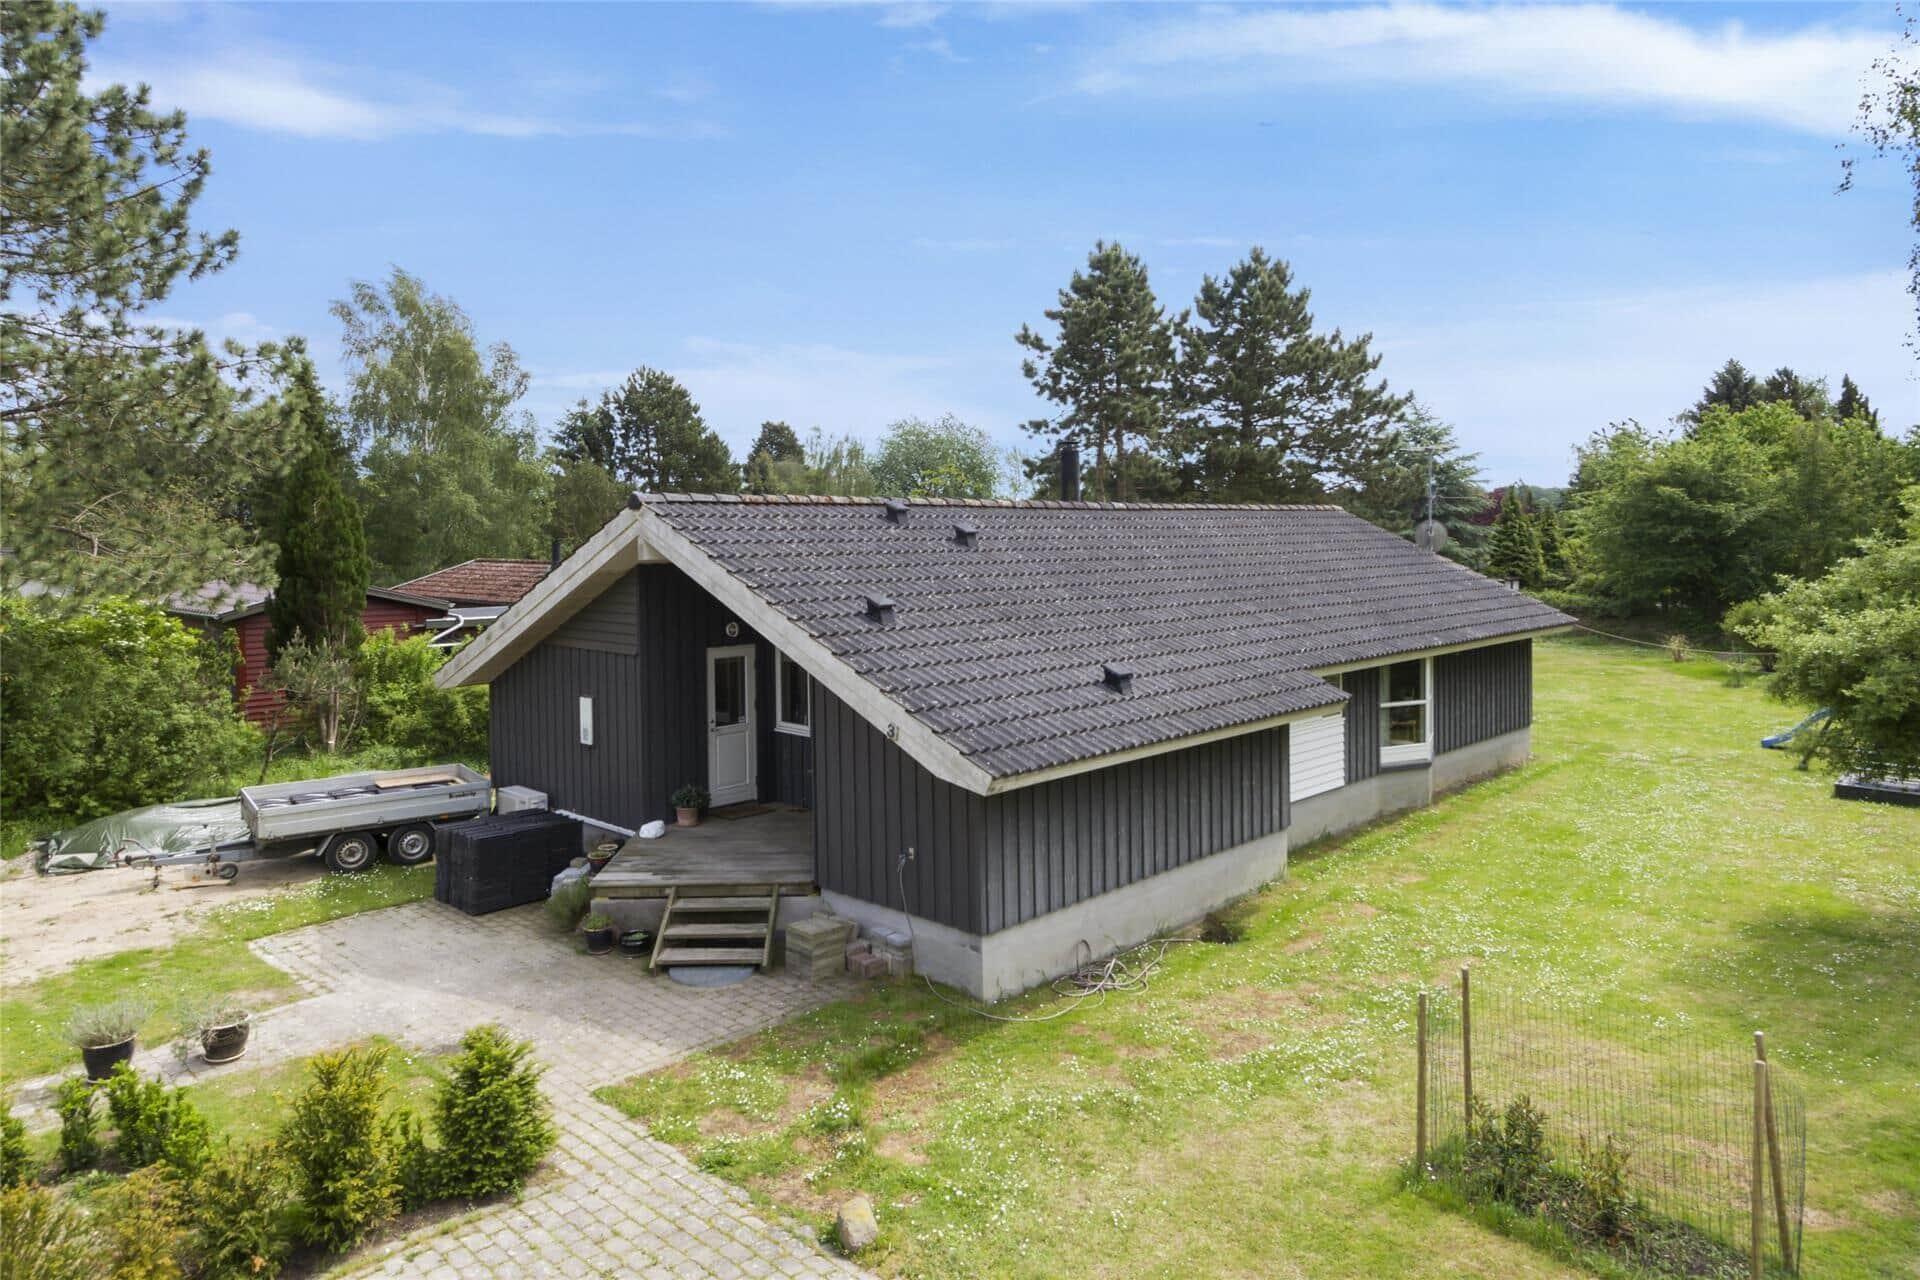 Billede 1-15 Sommerhus 8157, Svalevej 3, DK - 4720 Præstø